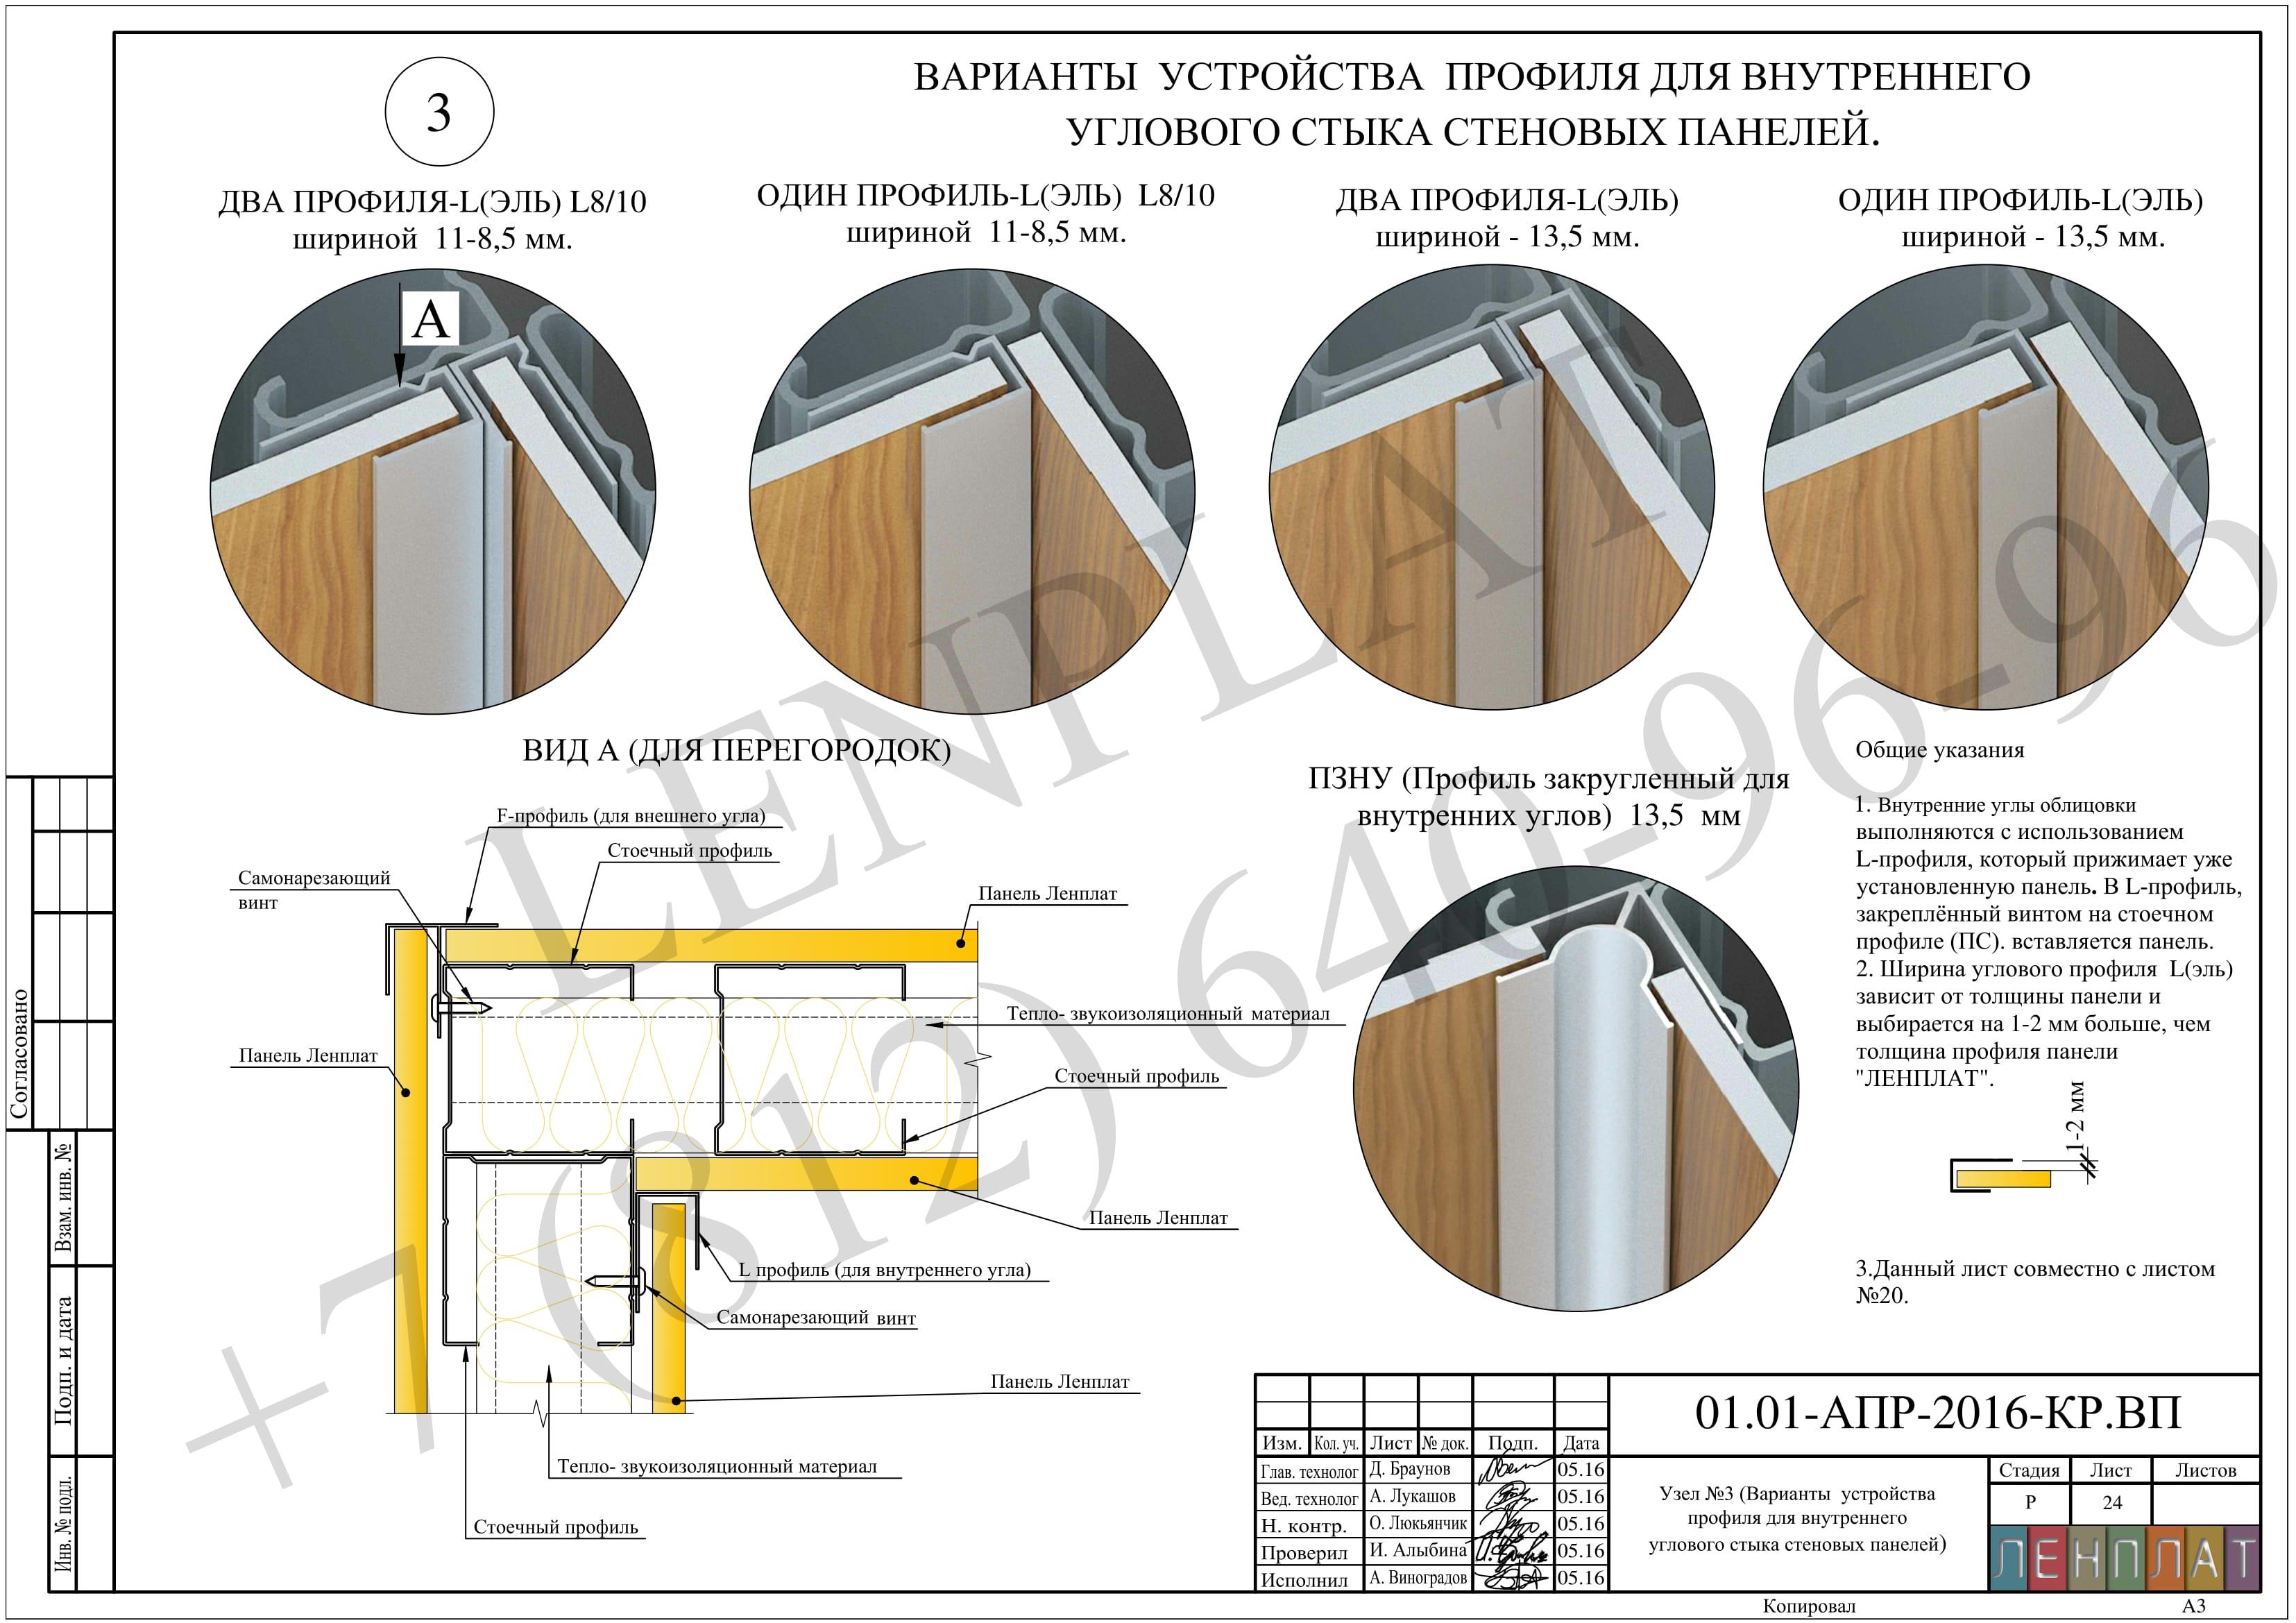 варианты для внутренного углового стыка стеновых панелей